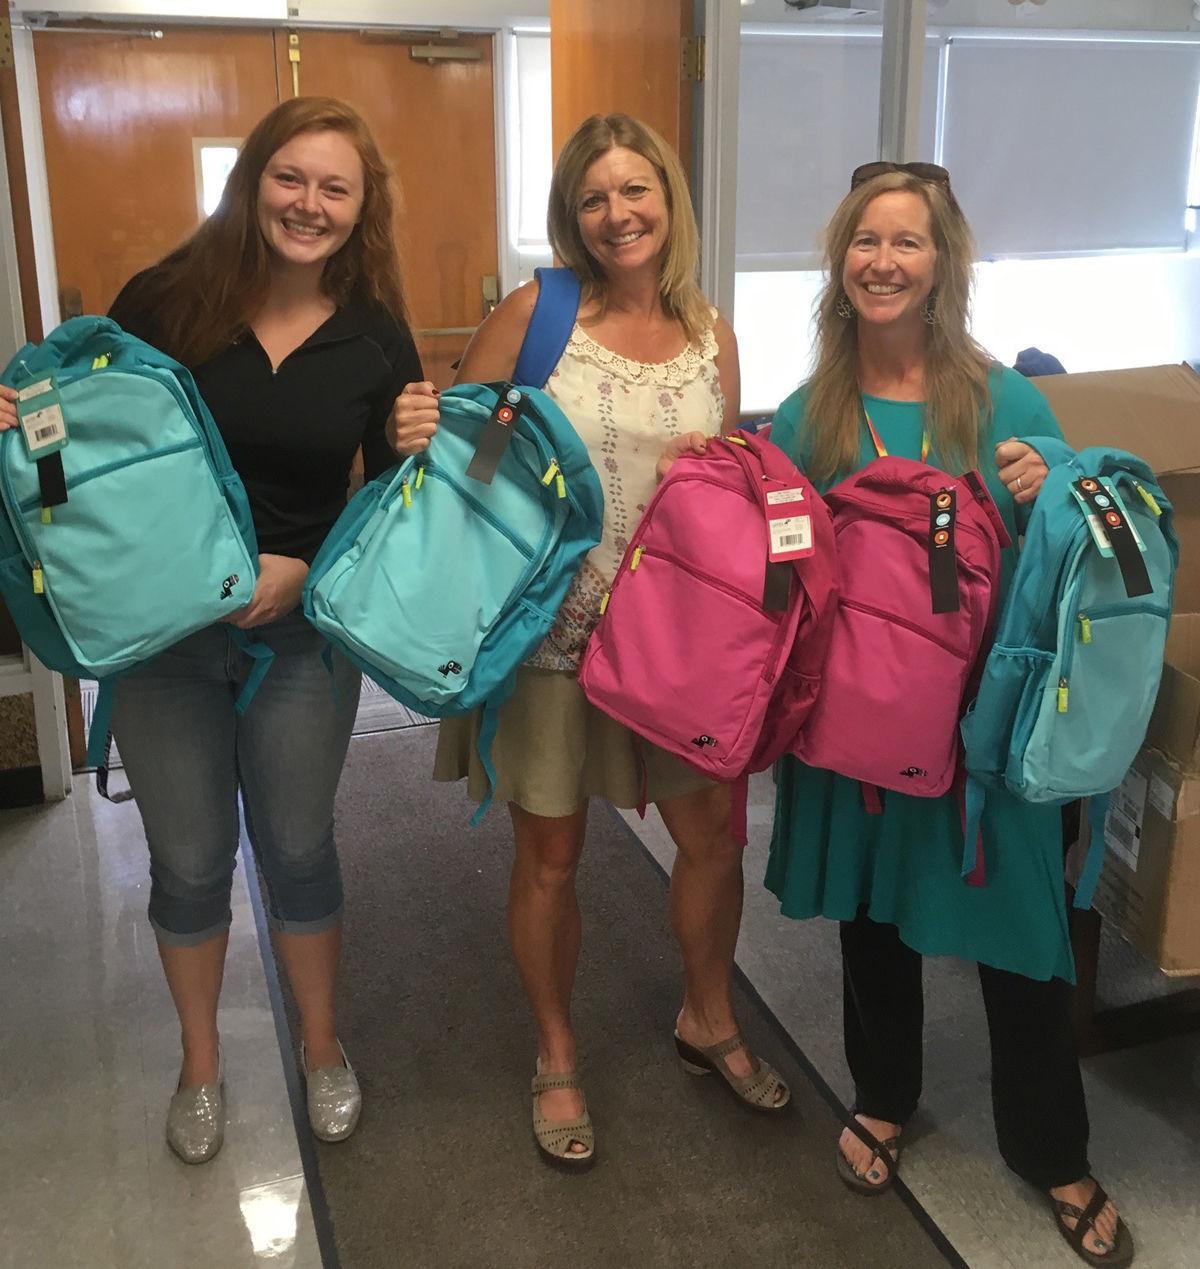 Credit union donates backpacks